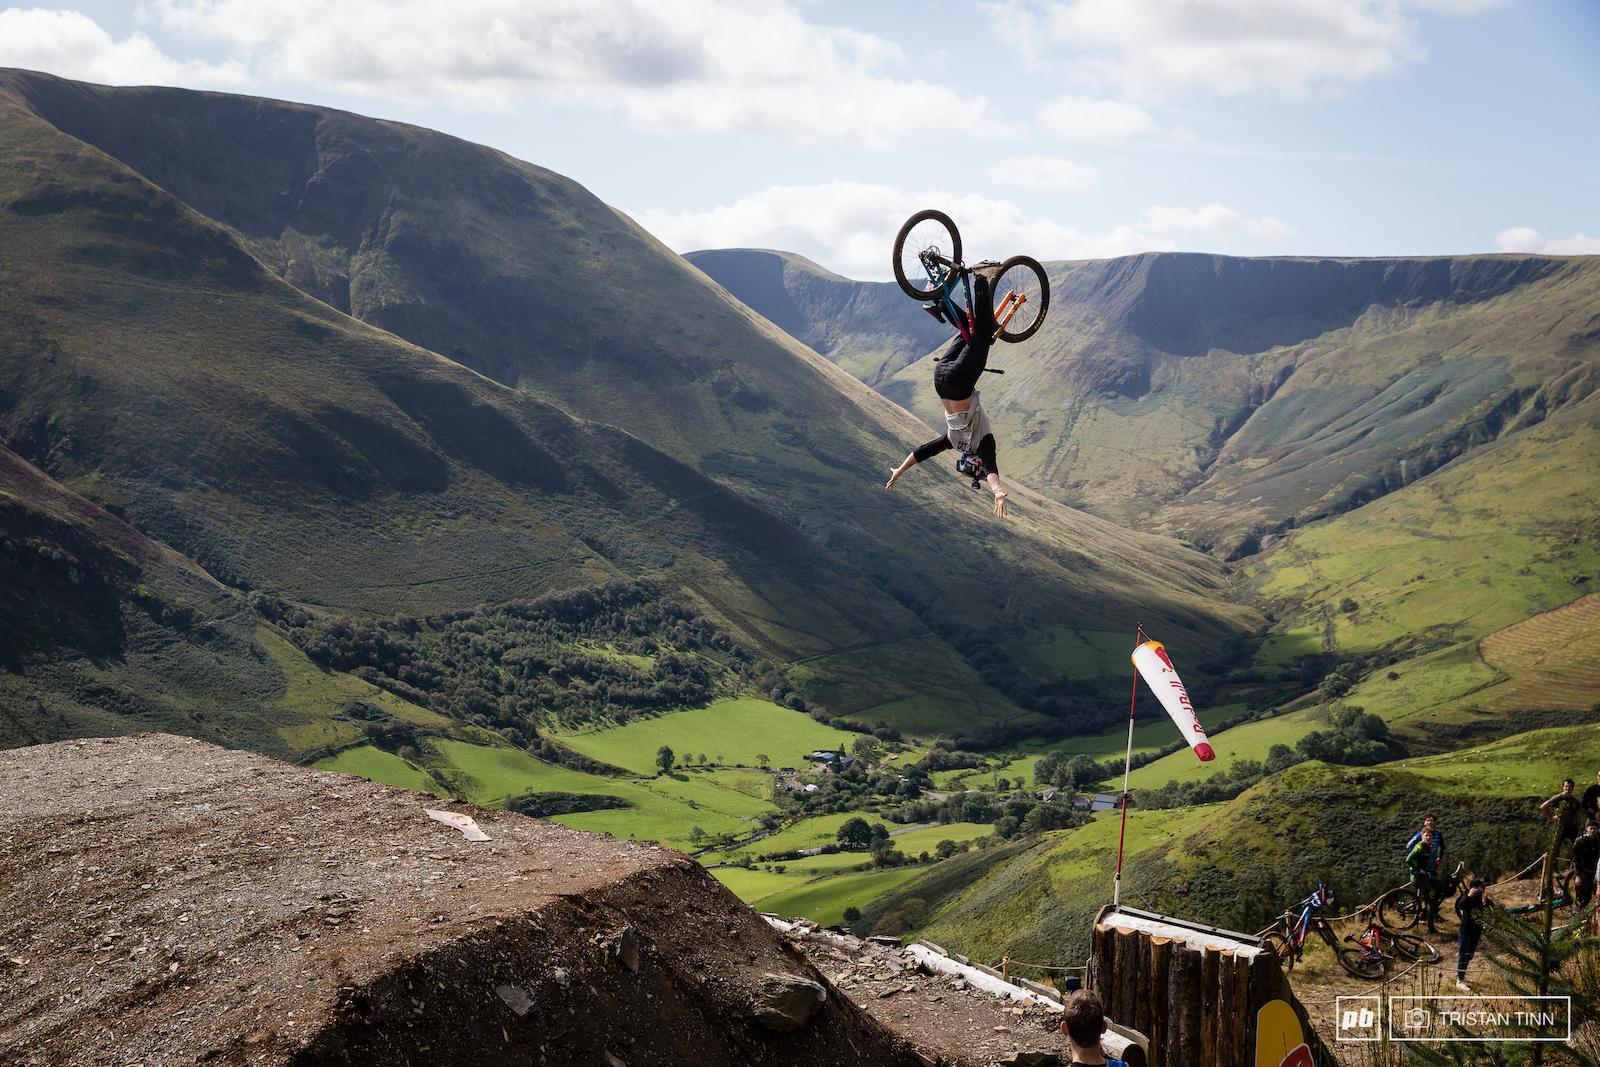 Matt Jones up to his usual tricks - on a DJ bike...